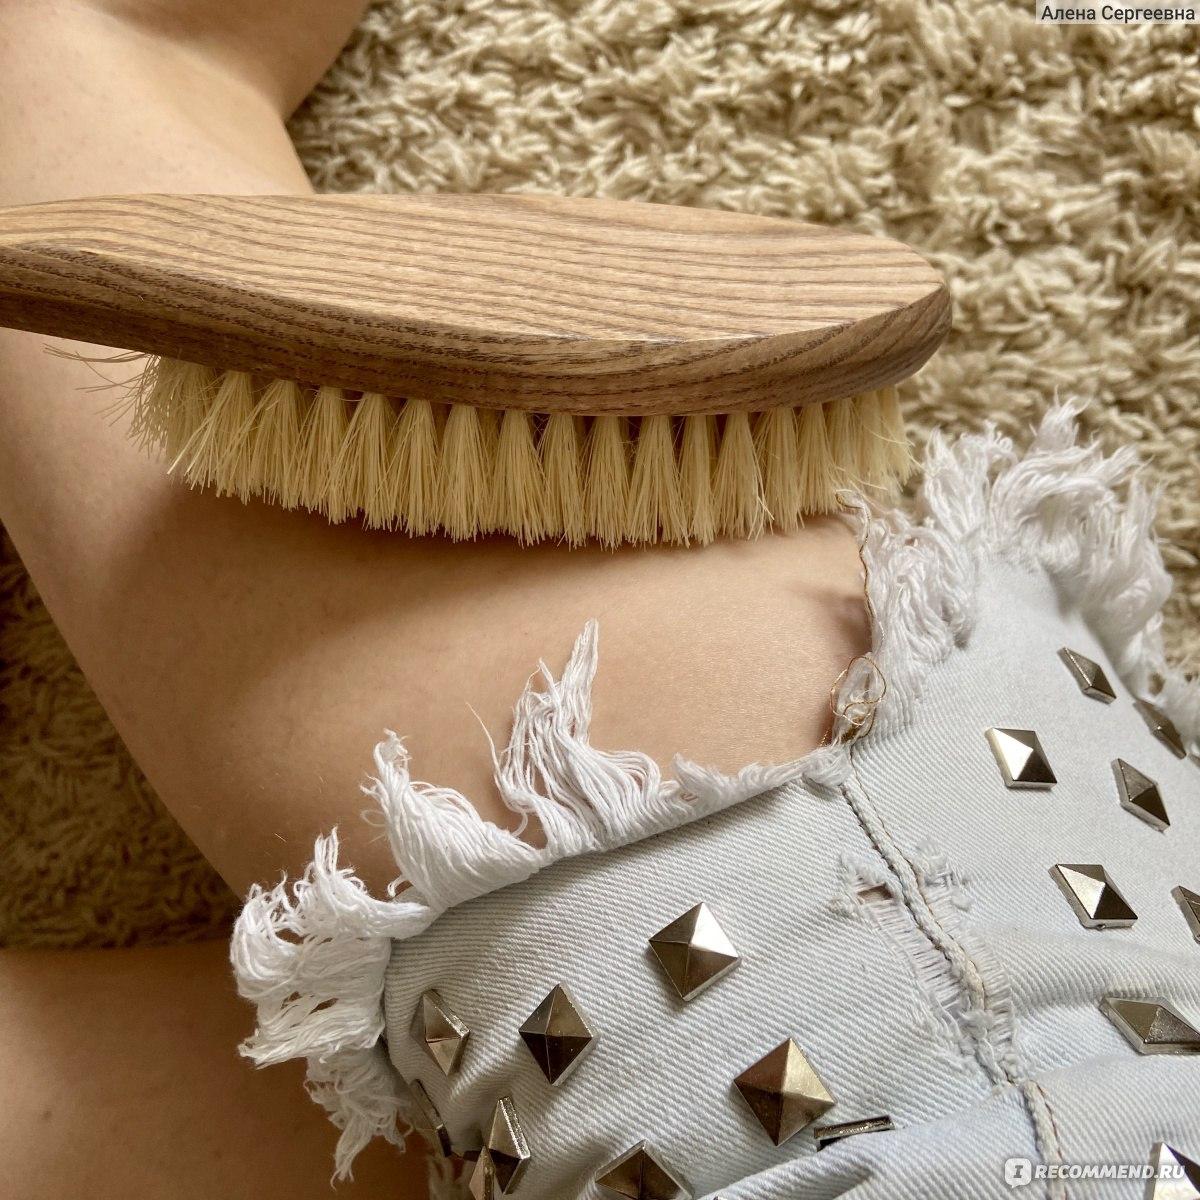 Как в домашних условиях проводить сухой массаж от целлюлита щеткой